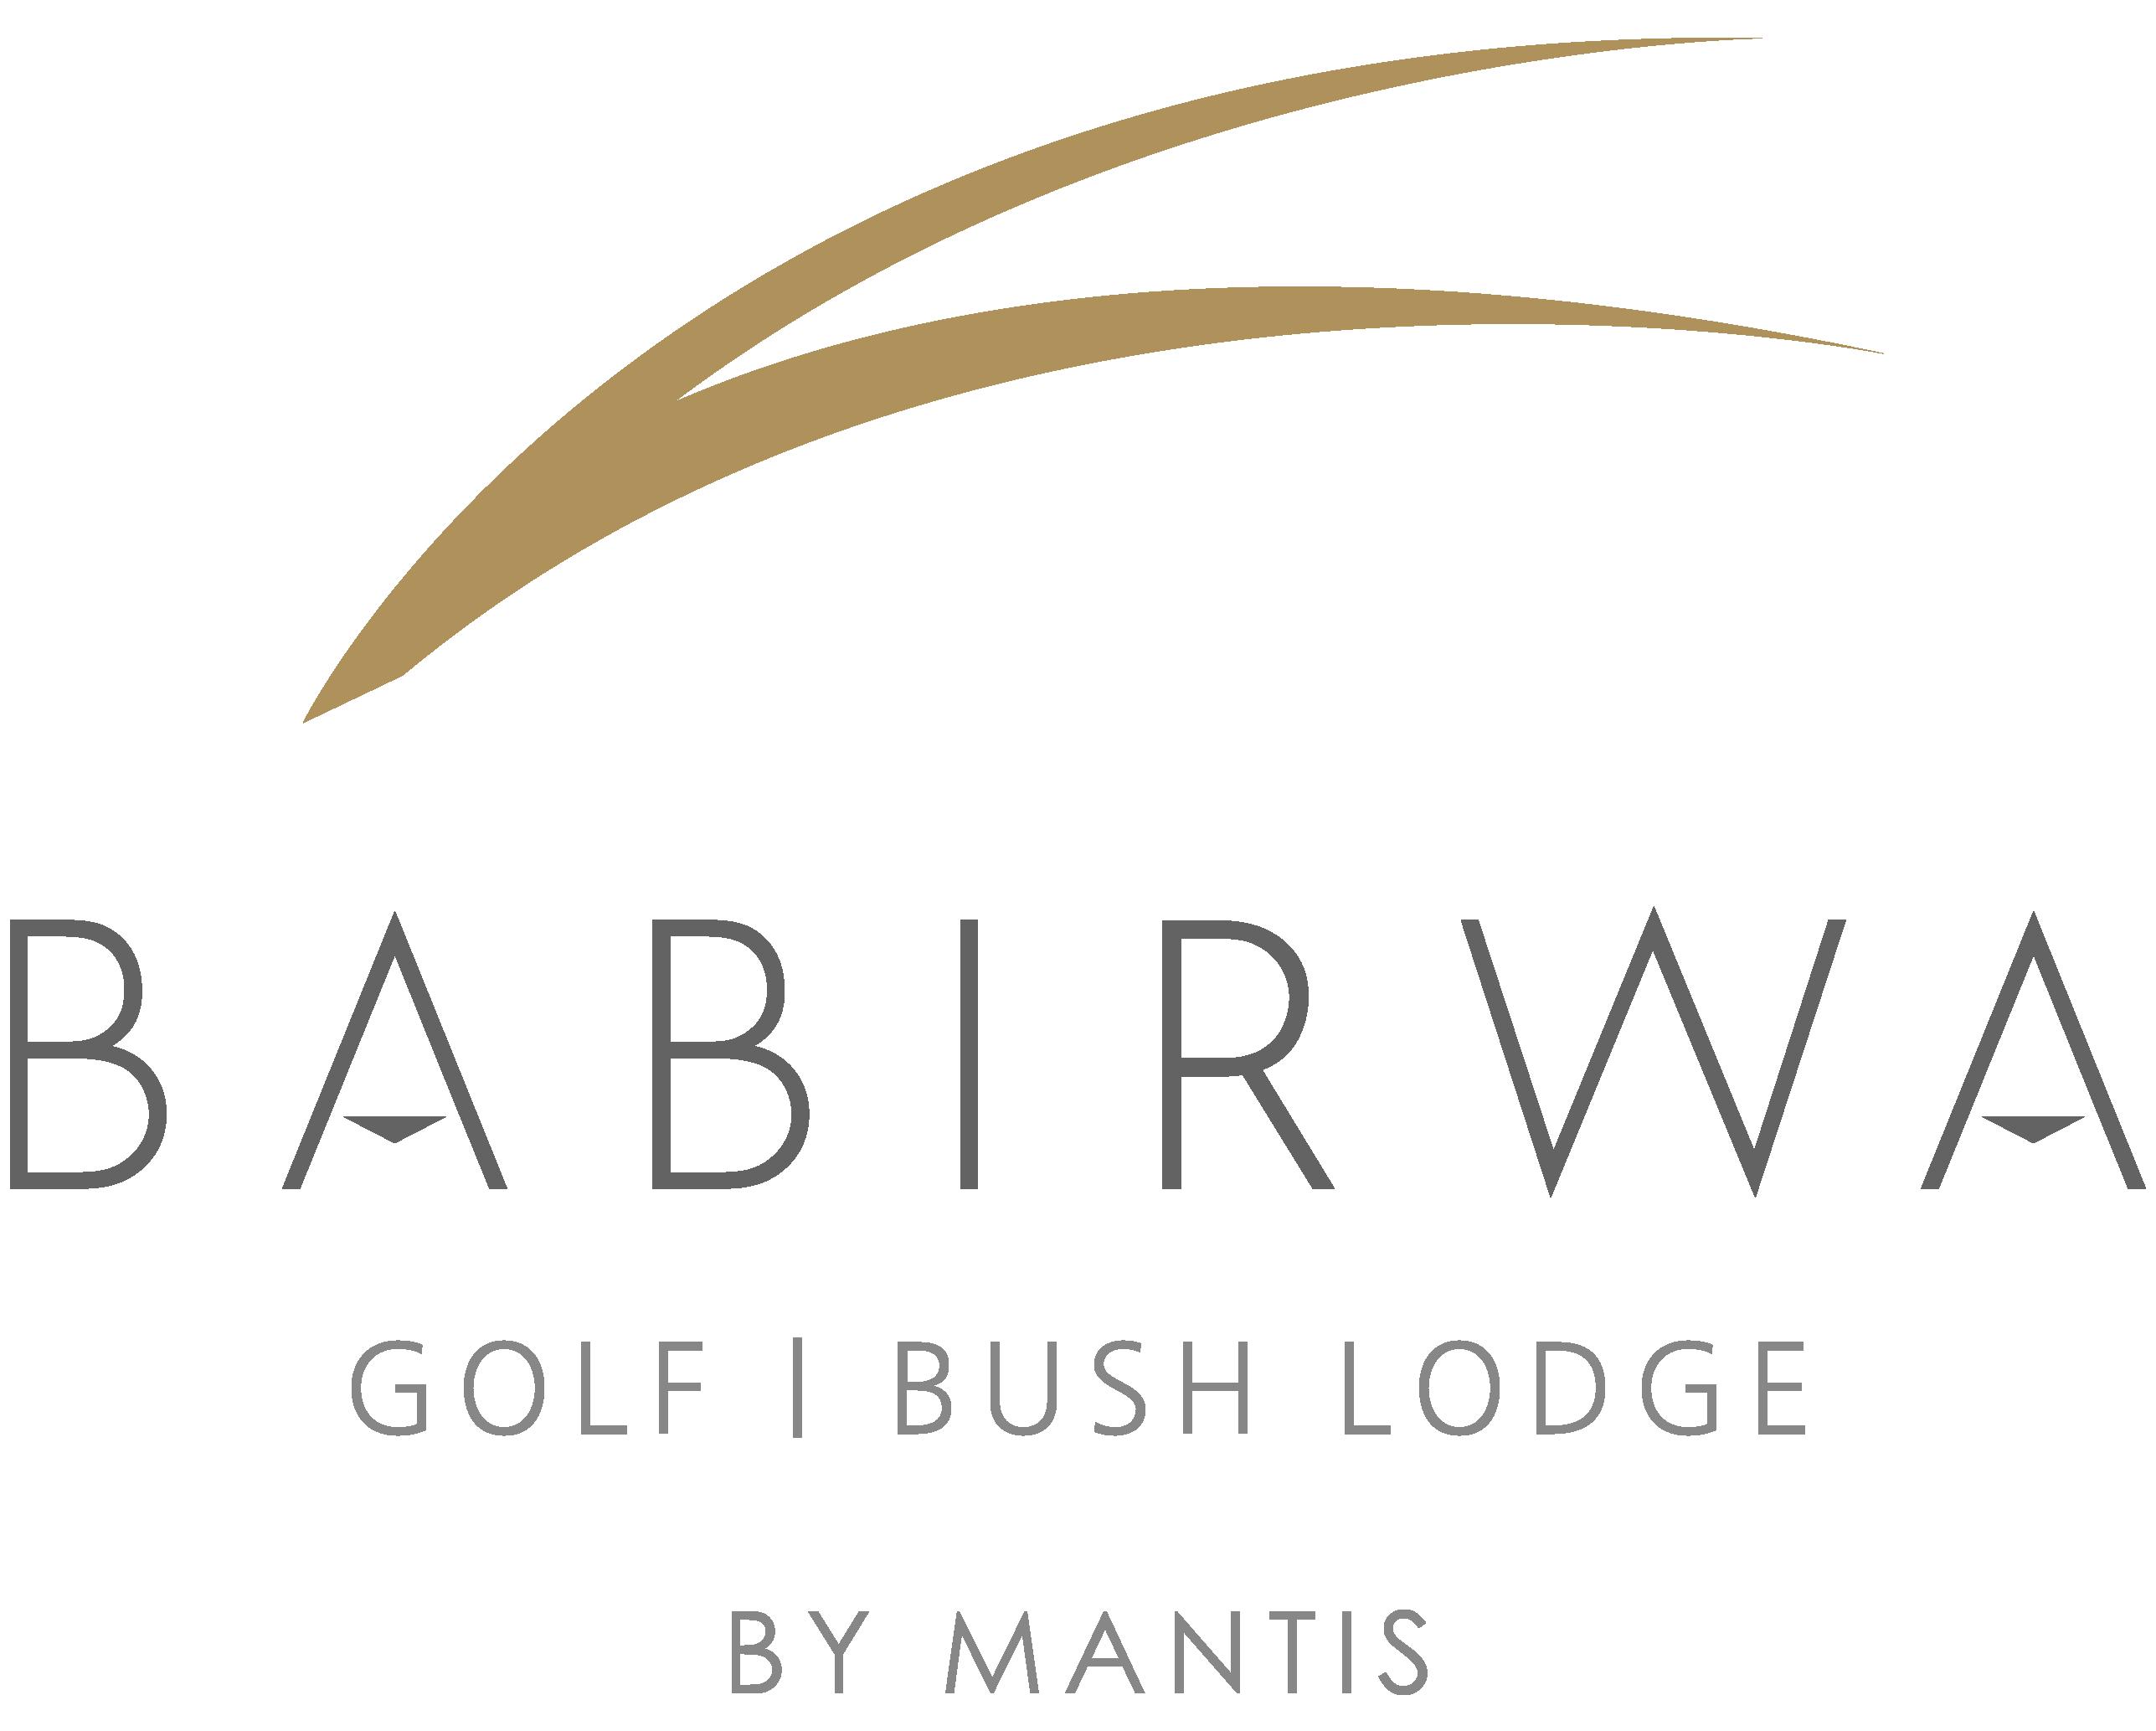 Babirwa Golf and Bush Lodge Logo